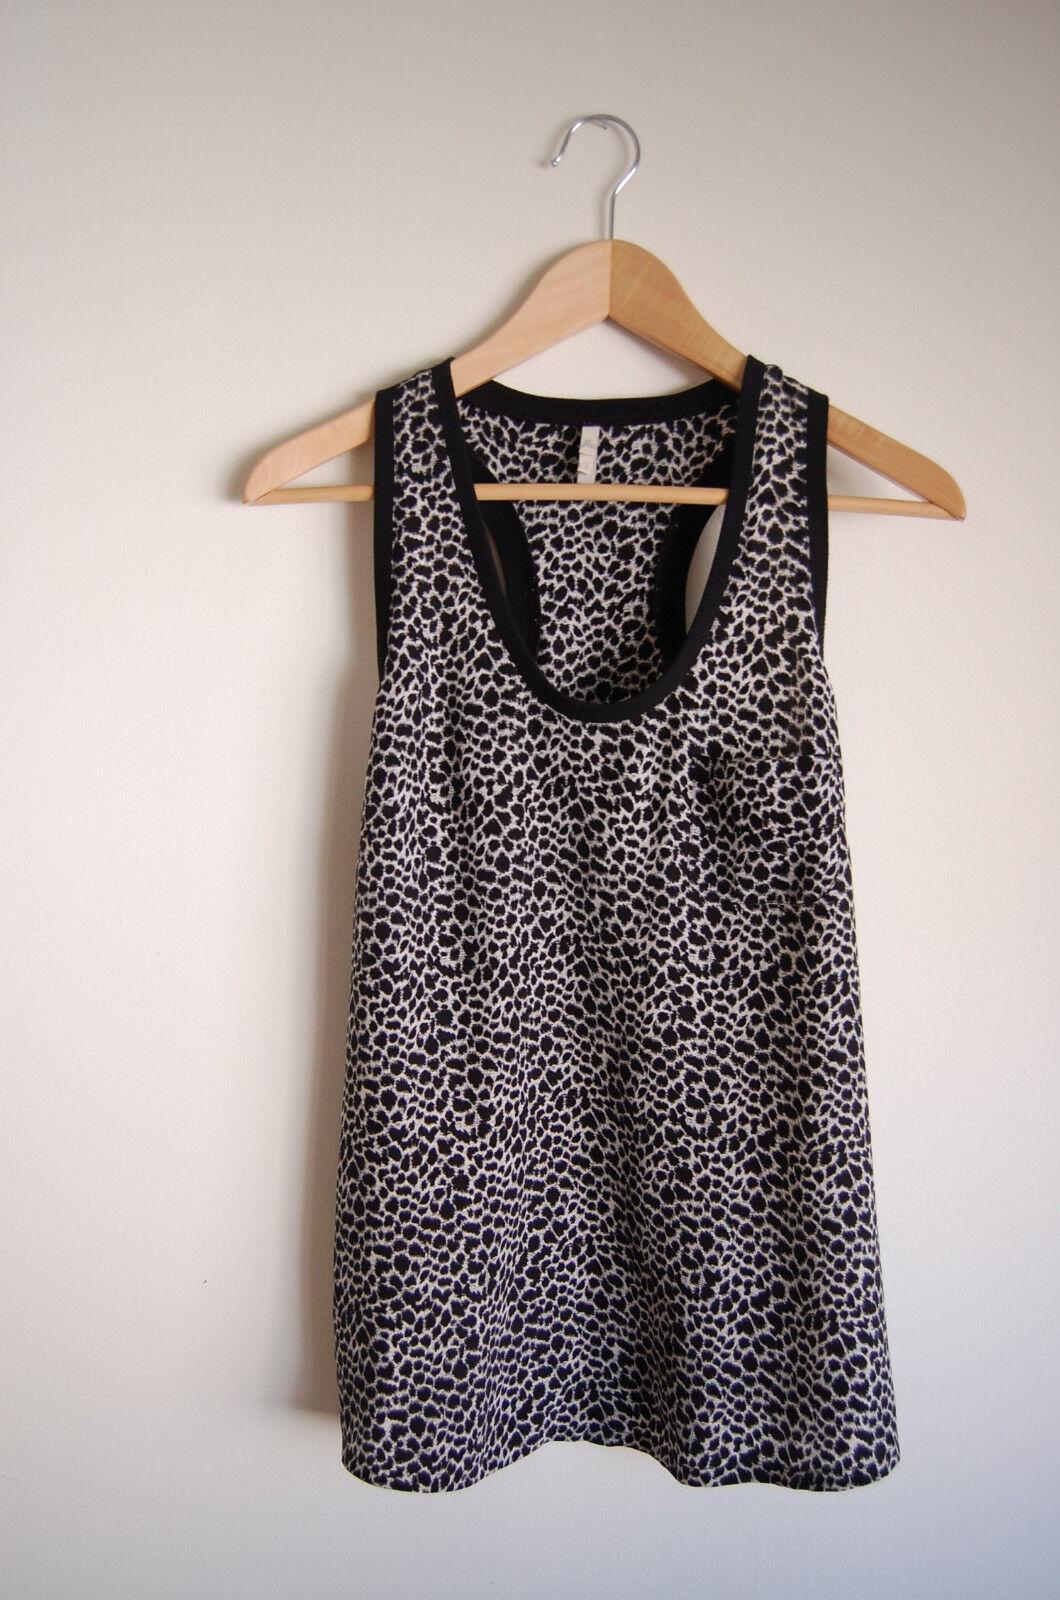 Joie animal print leopard silk tank, small